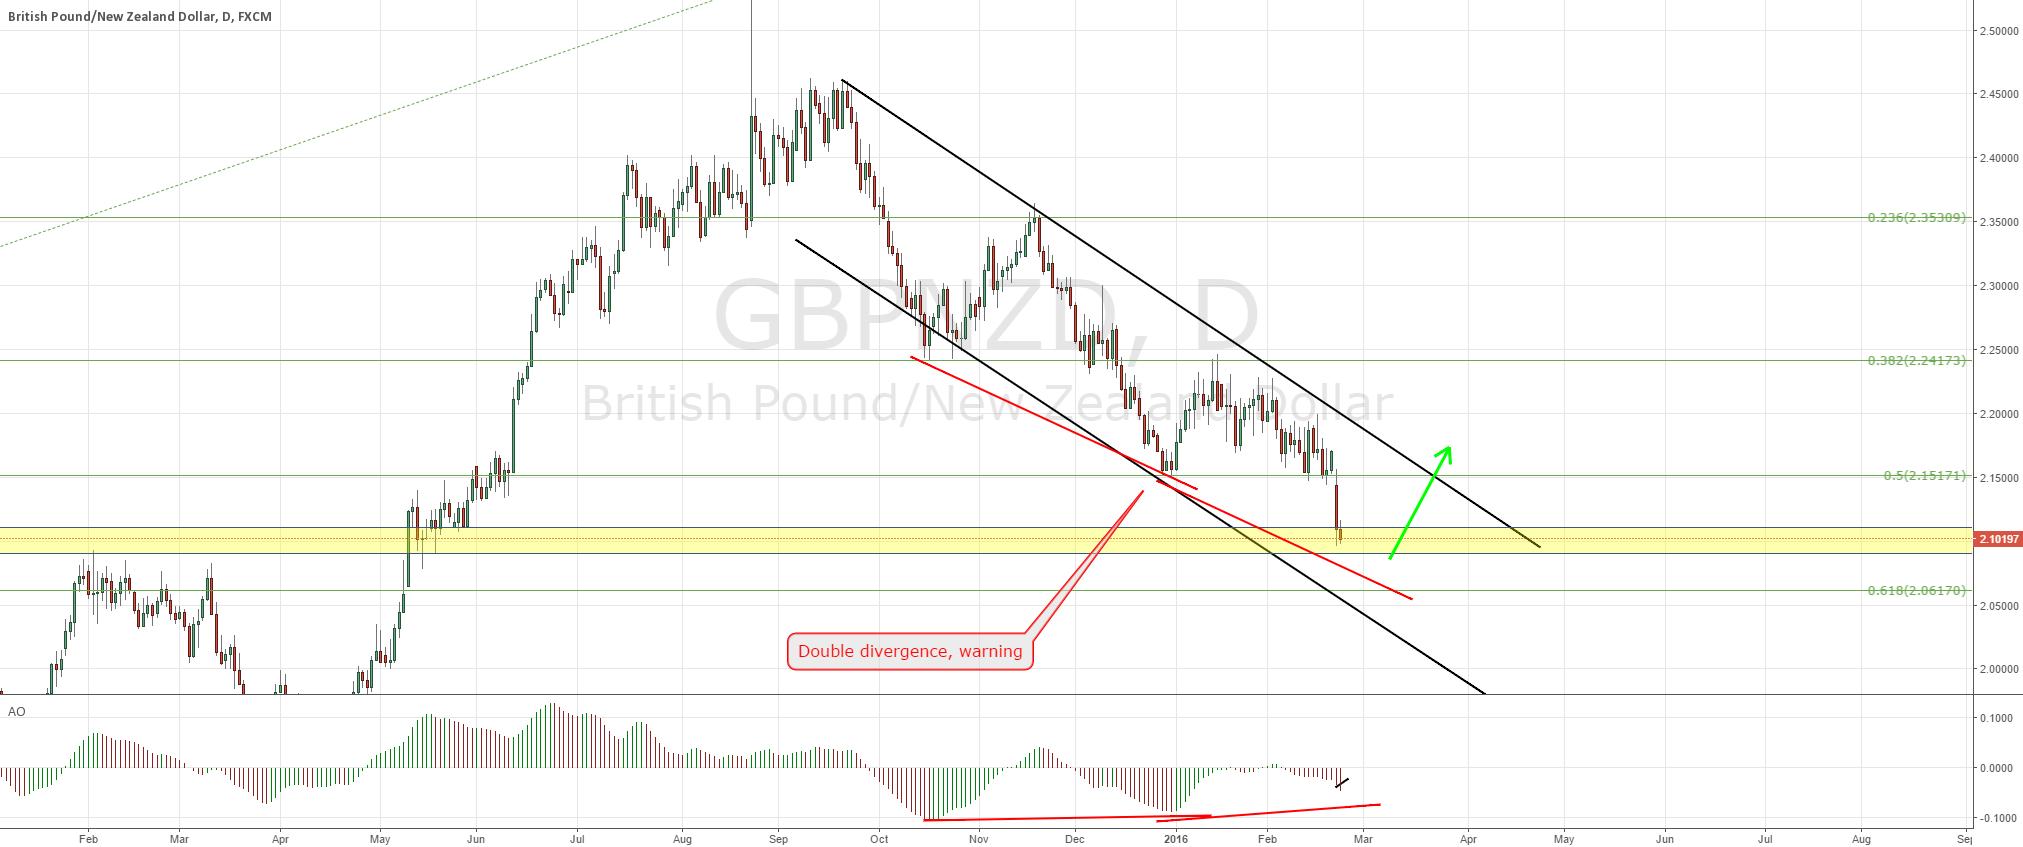 GBPNZD tradeplan